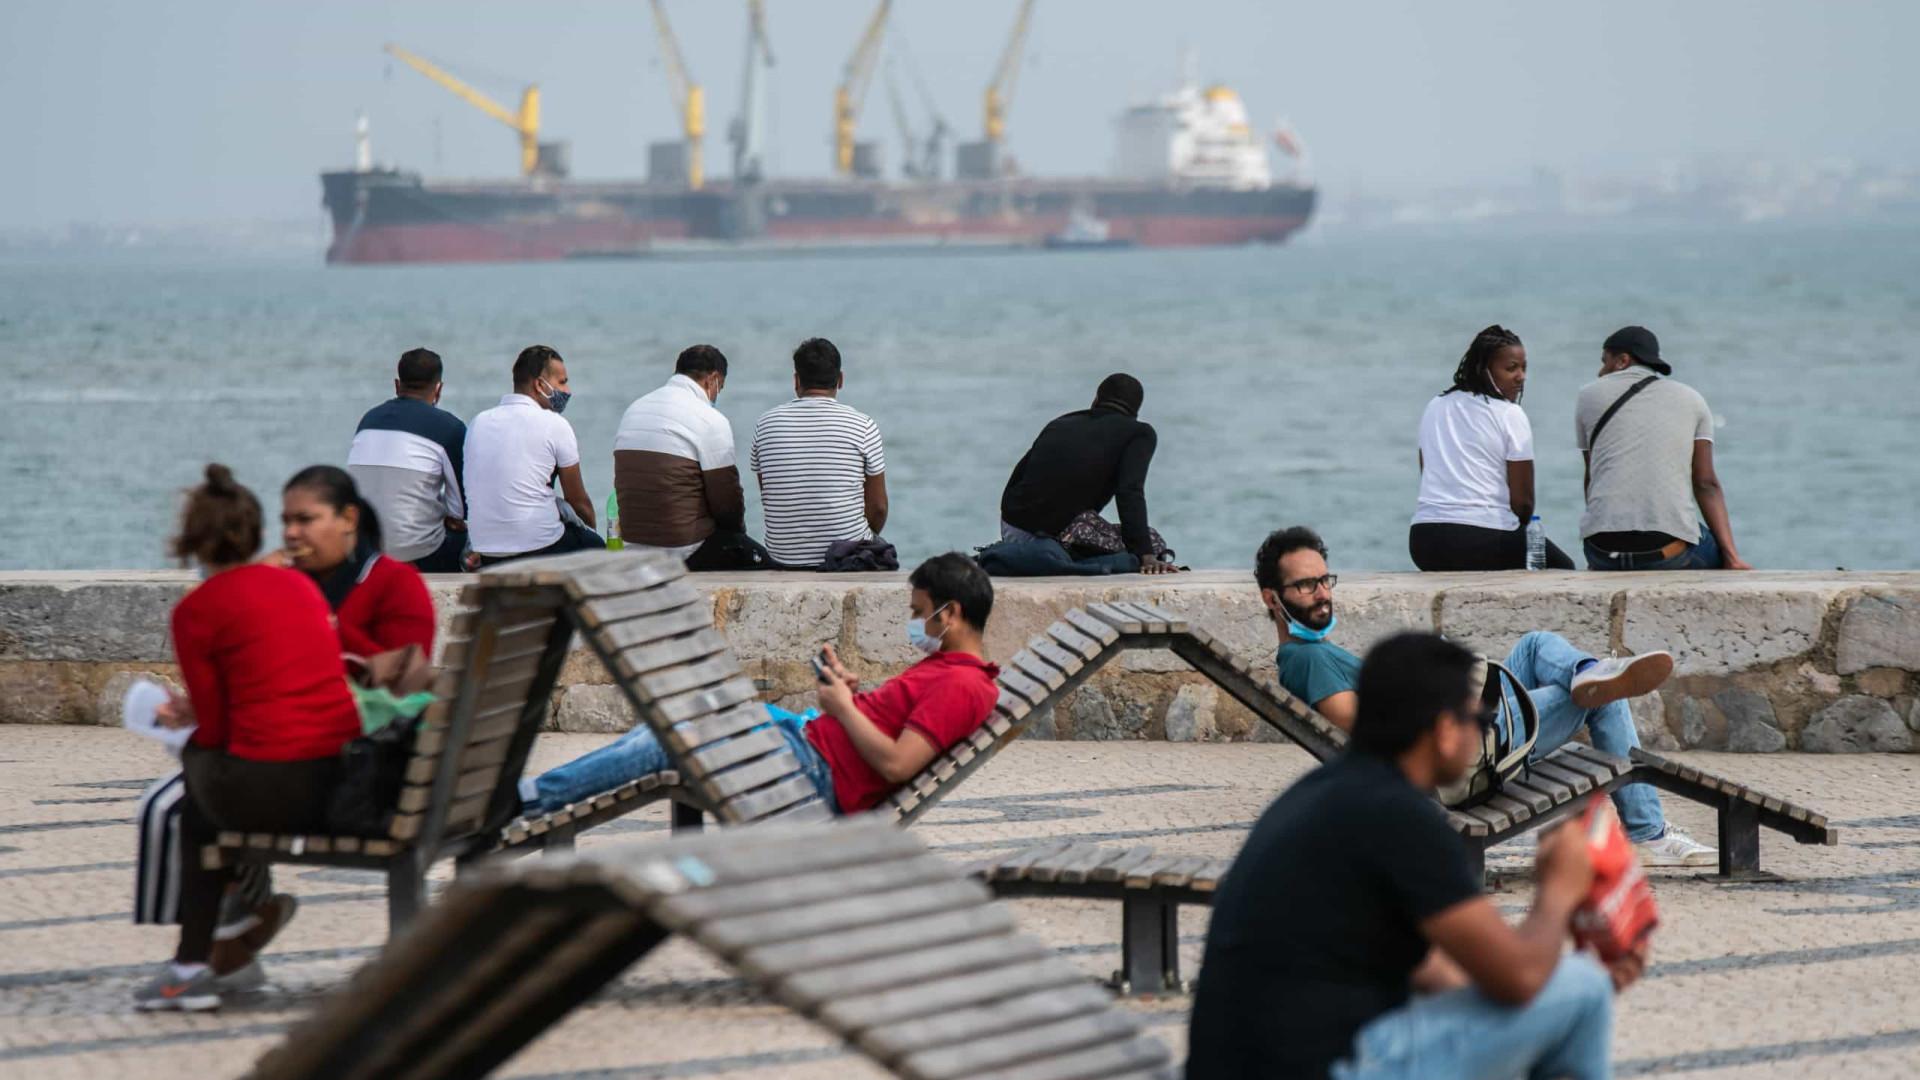 AO MINUTO: Governo anuncia medidas; Confinamentos locais serão possíveis